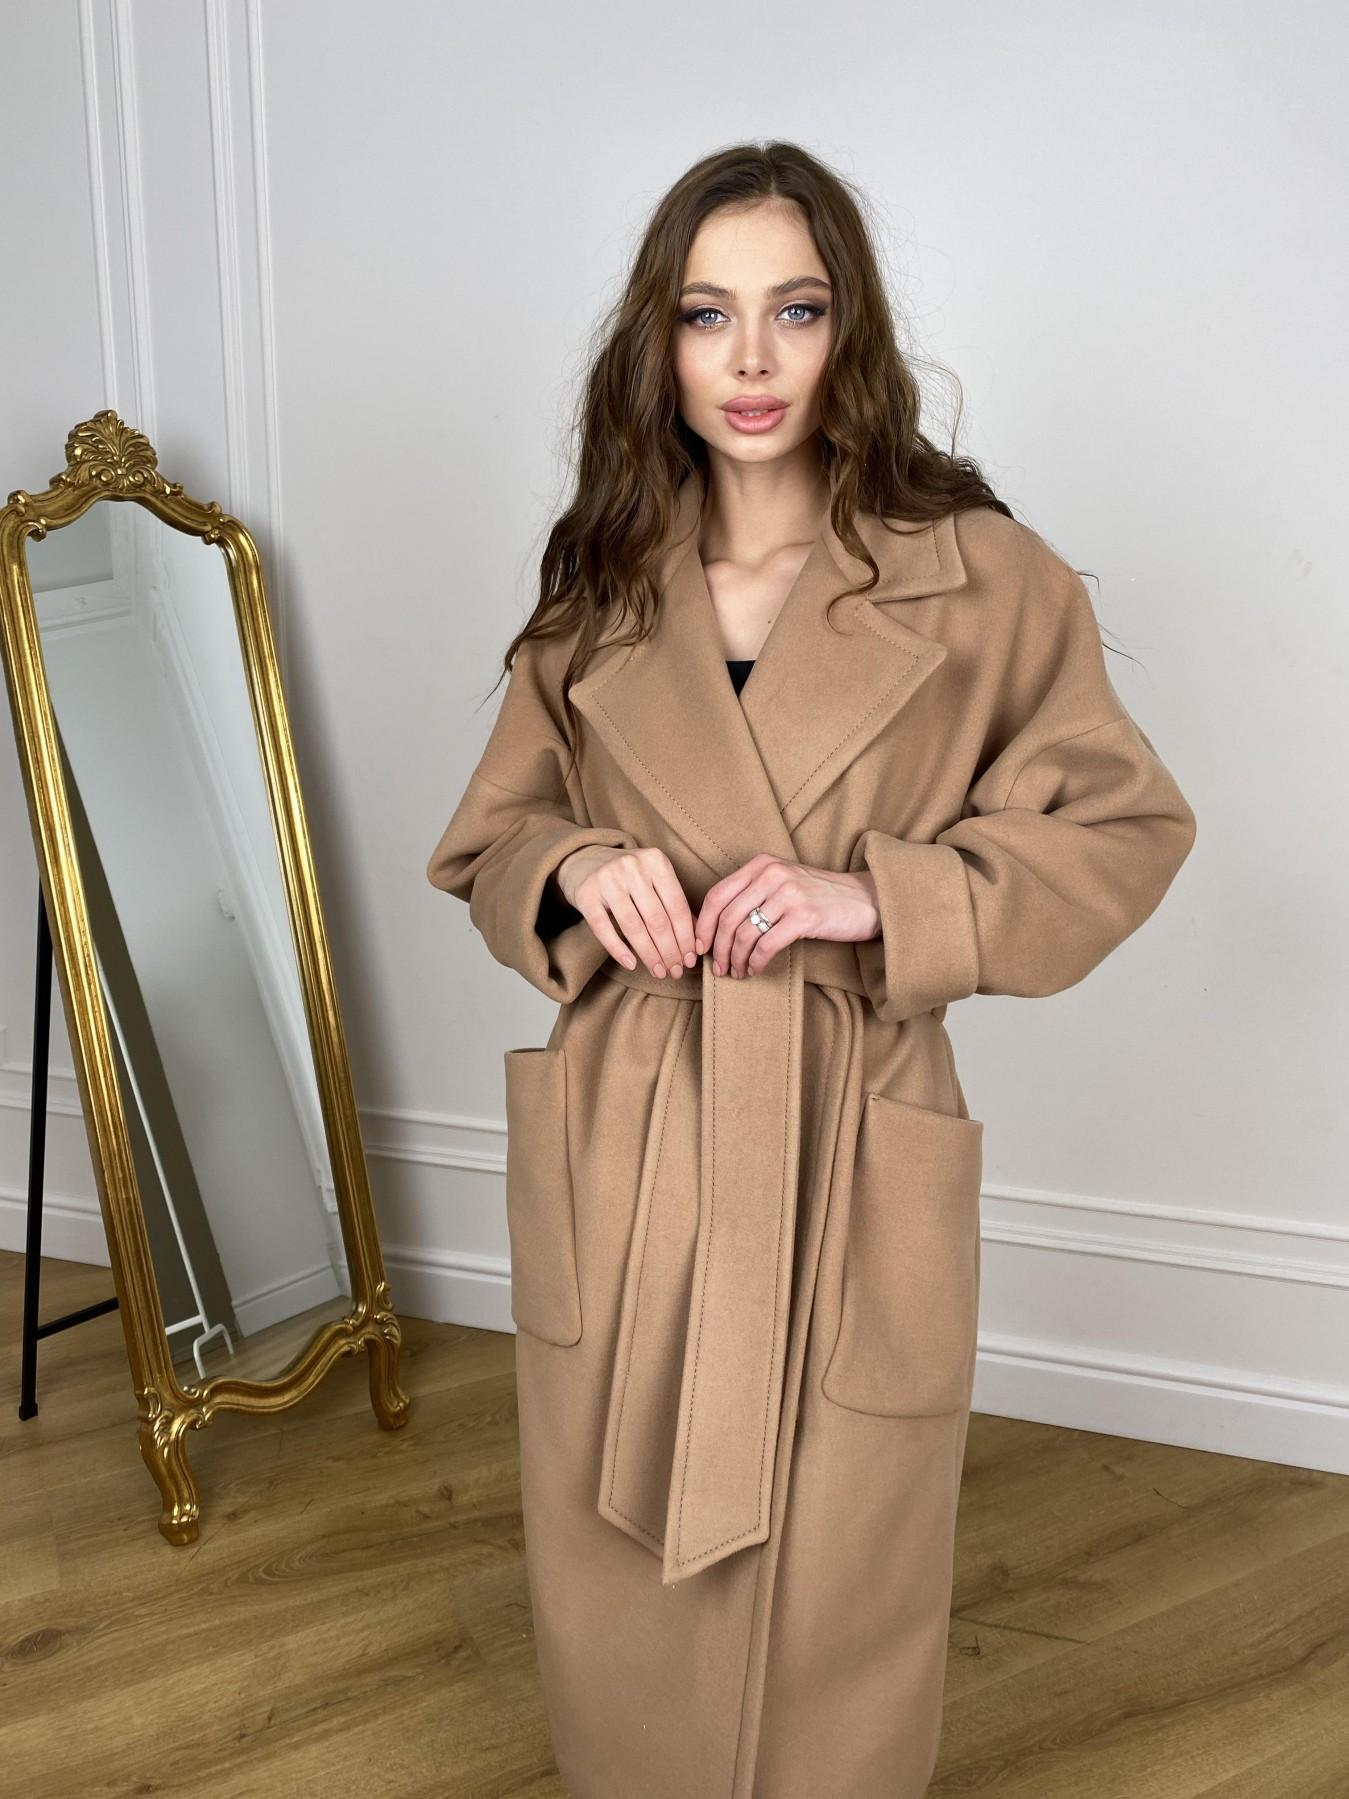 Кейт  пальто из кашемира 10539 АРТ. 46894 Цвет: Кемел - фото 3, интернет магазин tm-modus.ru